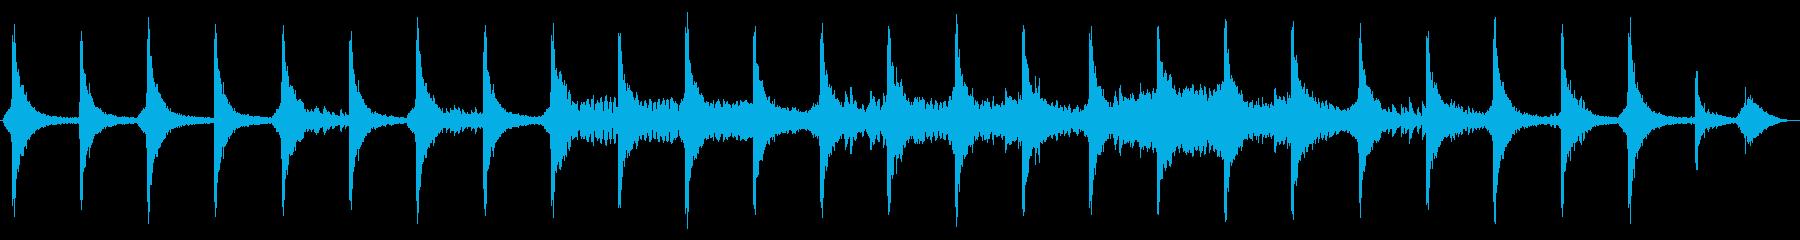 ピアノとディレイがメインの幻想的なBGMの再生済みの波形